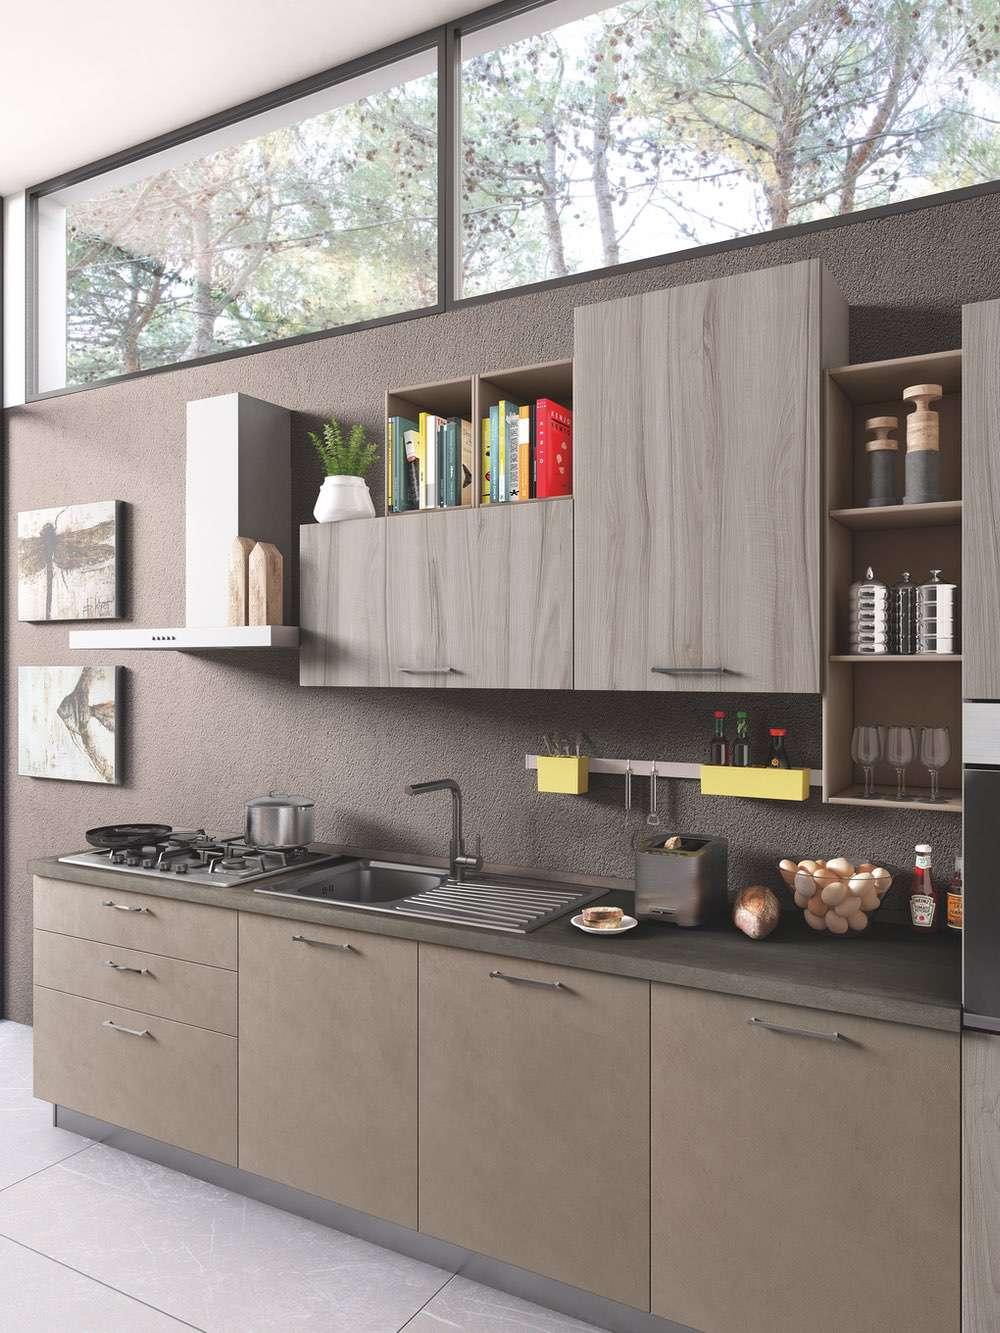 Cucina Moderna Newsmart Un Progetto Studiato Ad Hoc Netcucine